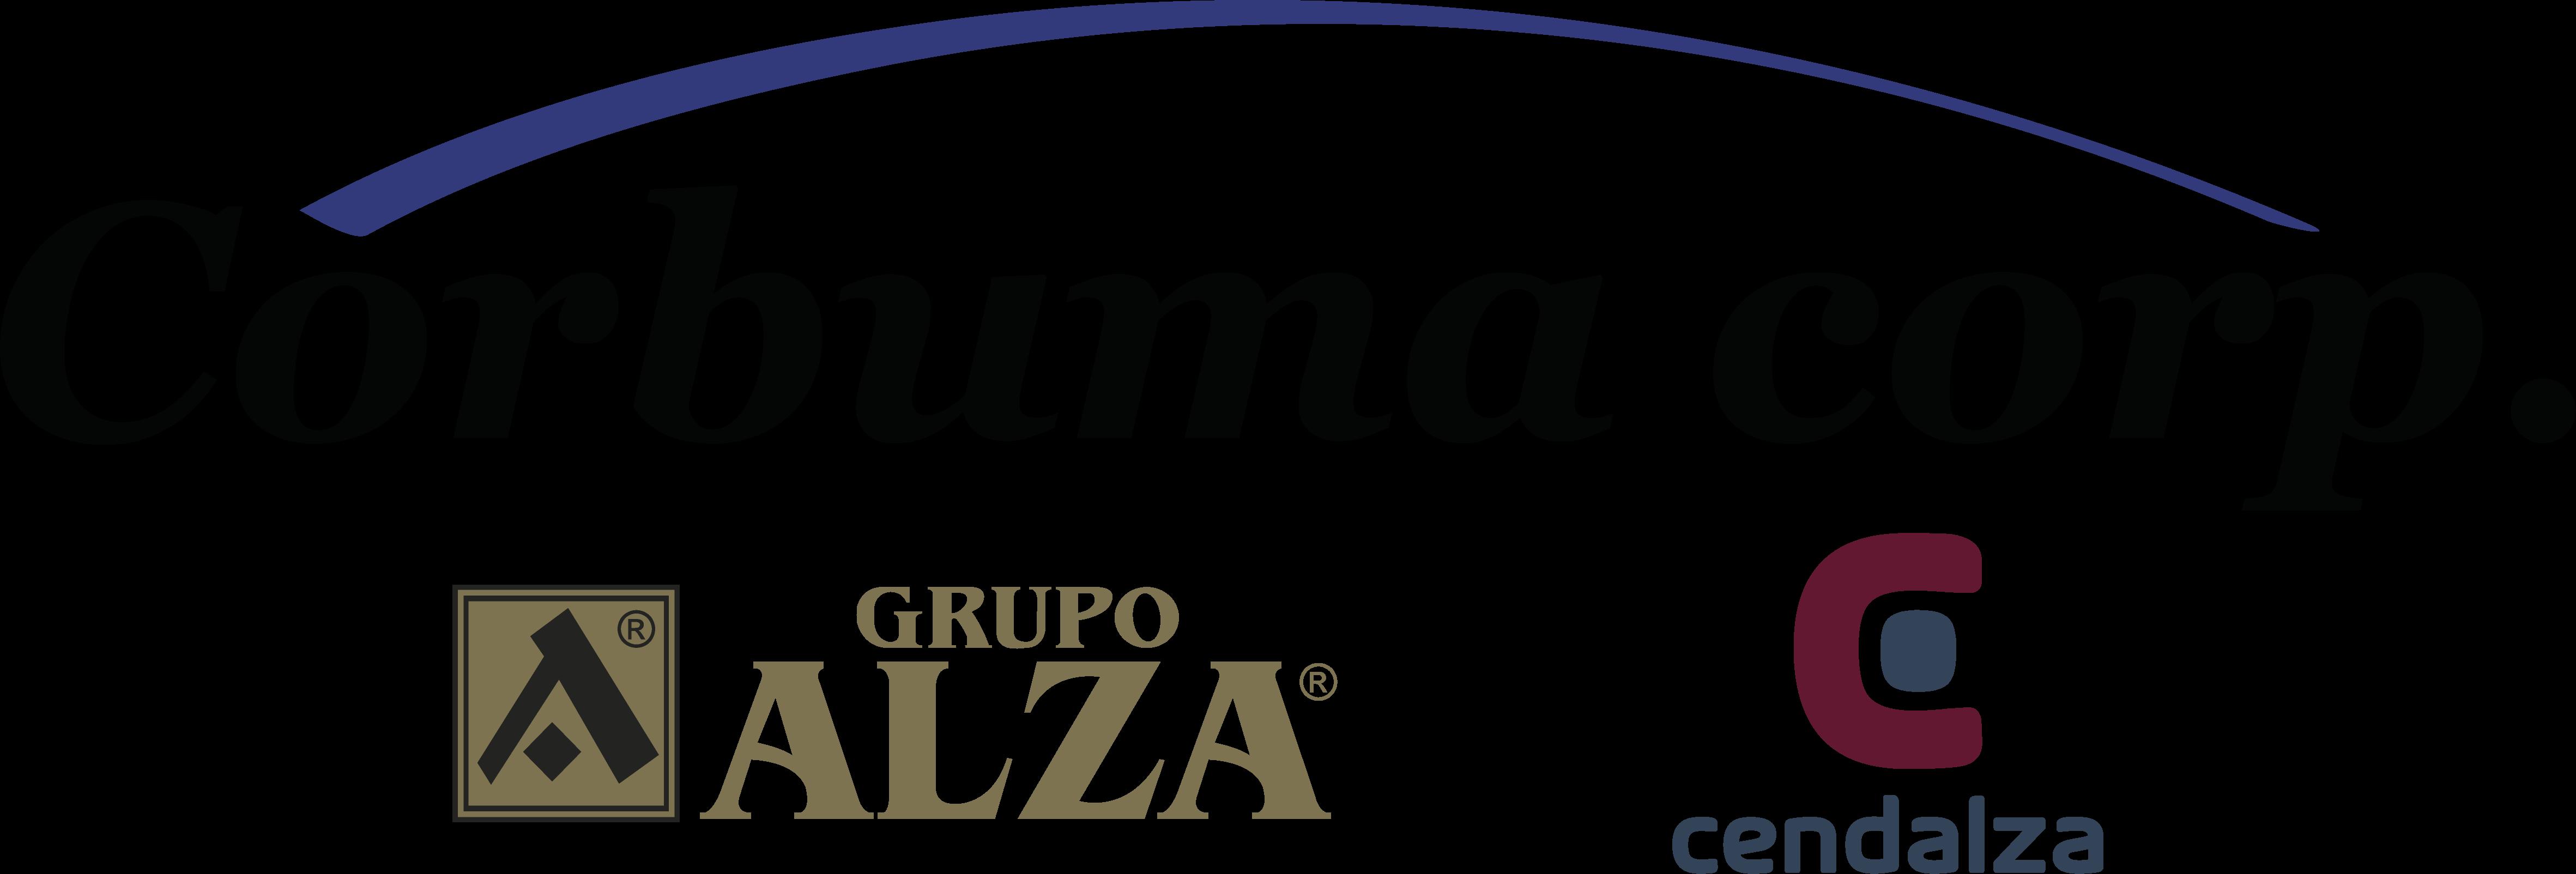 Corbuma Corp.